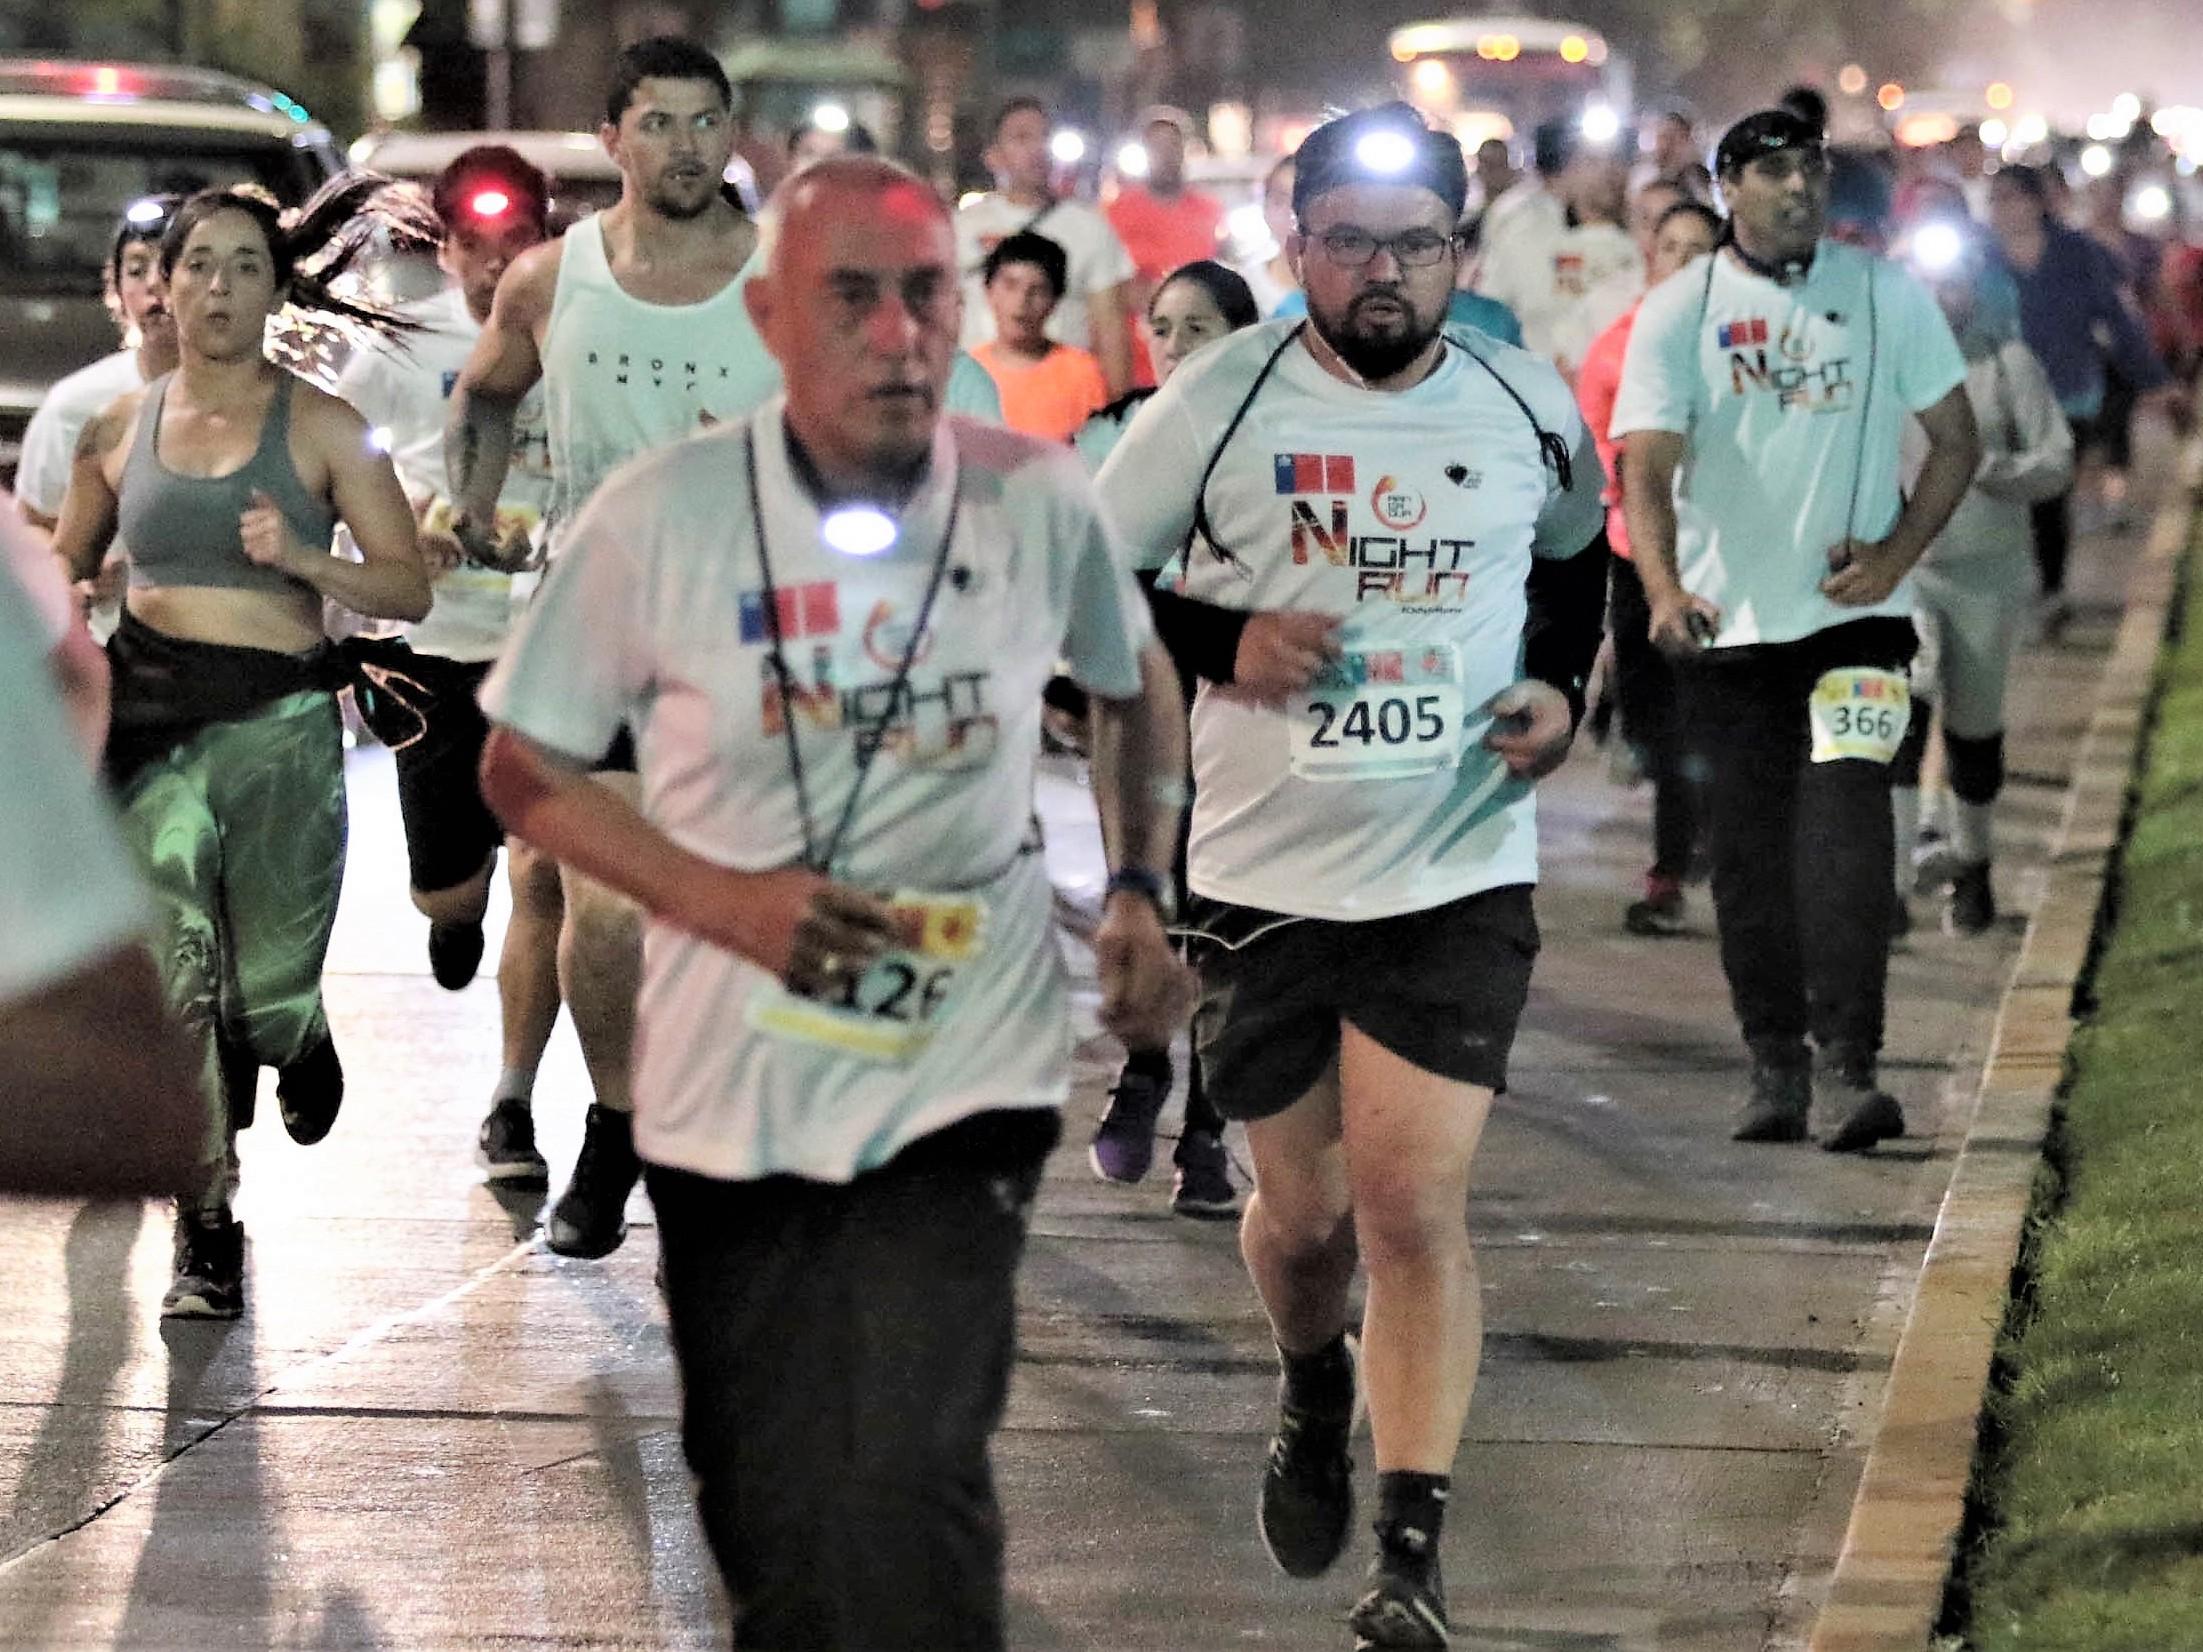 Todos a correr de noche por las calles de Rancagua